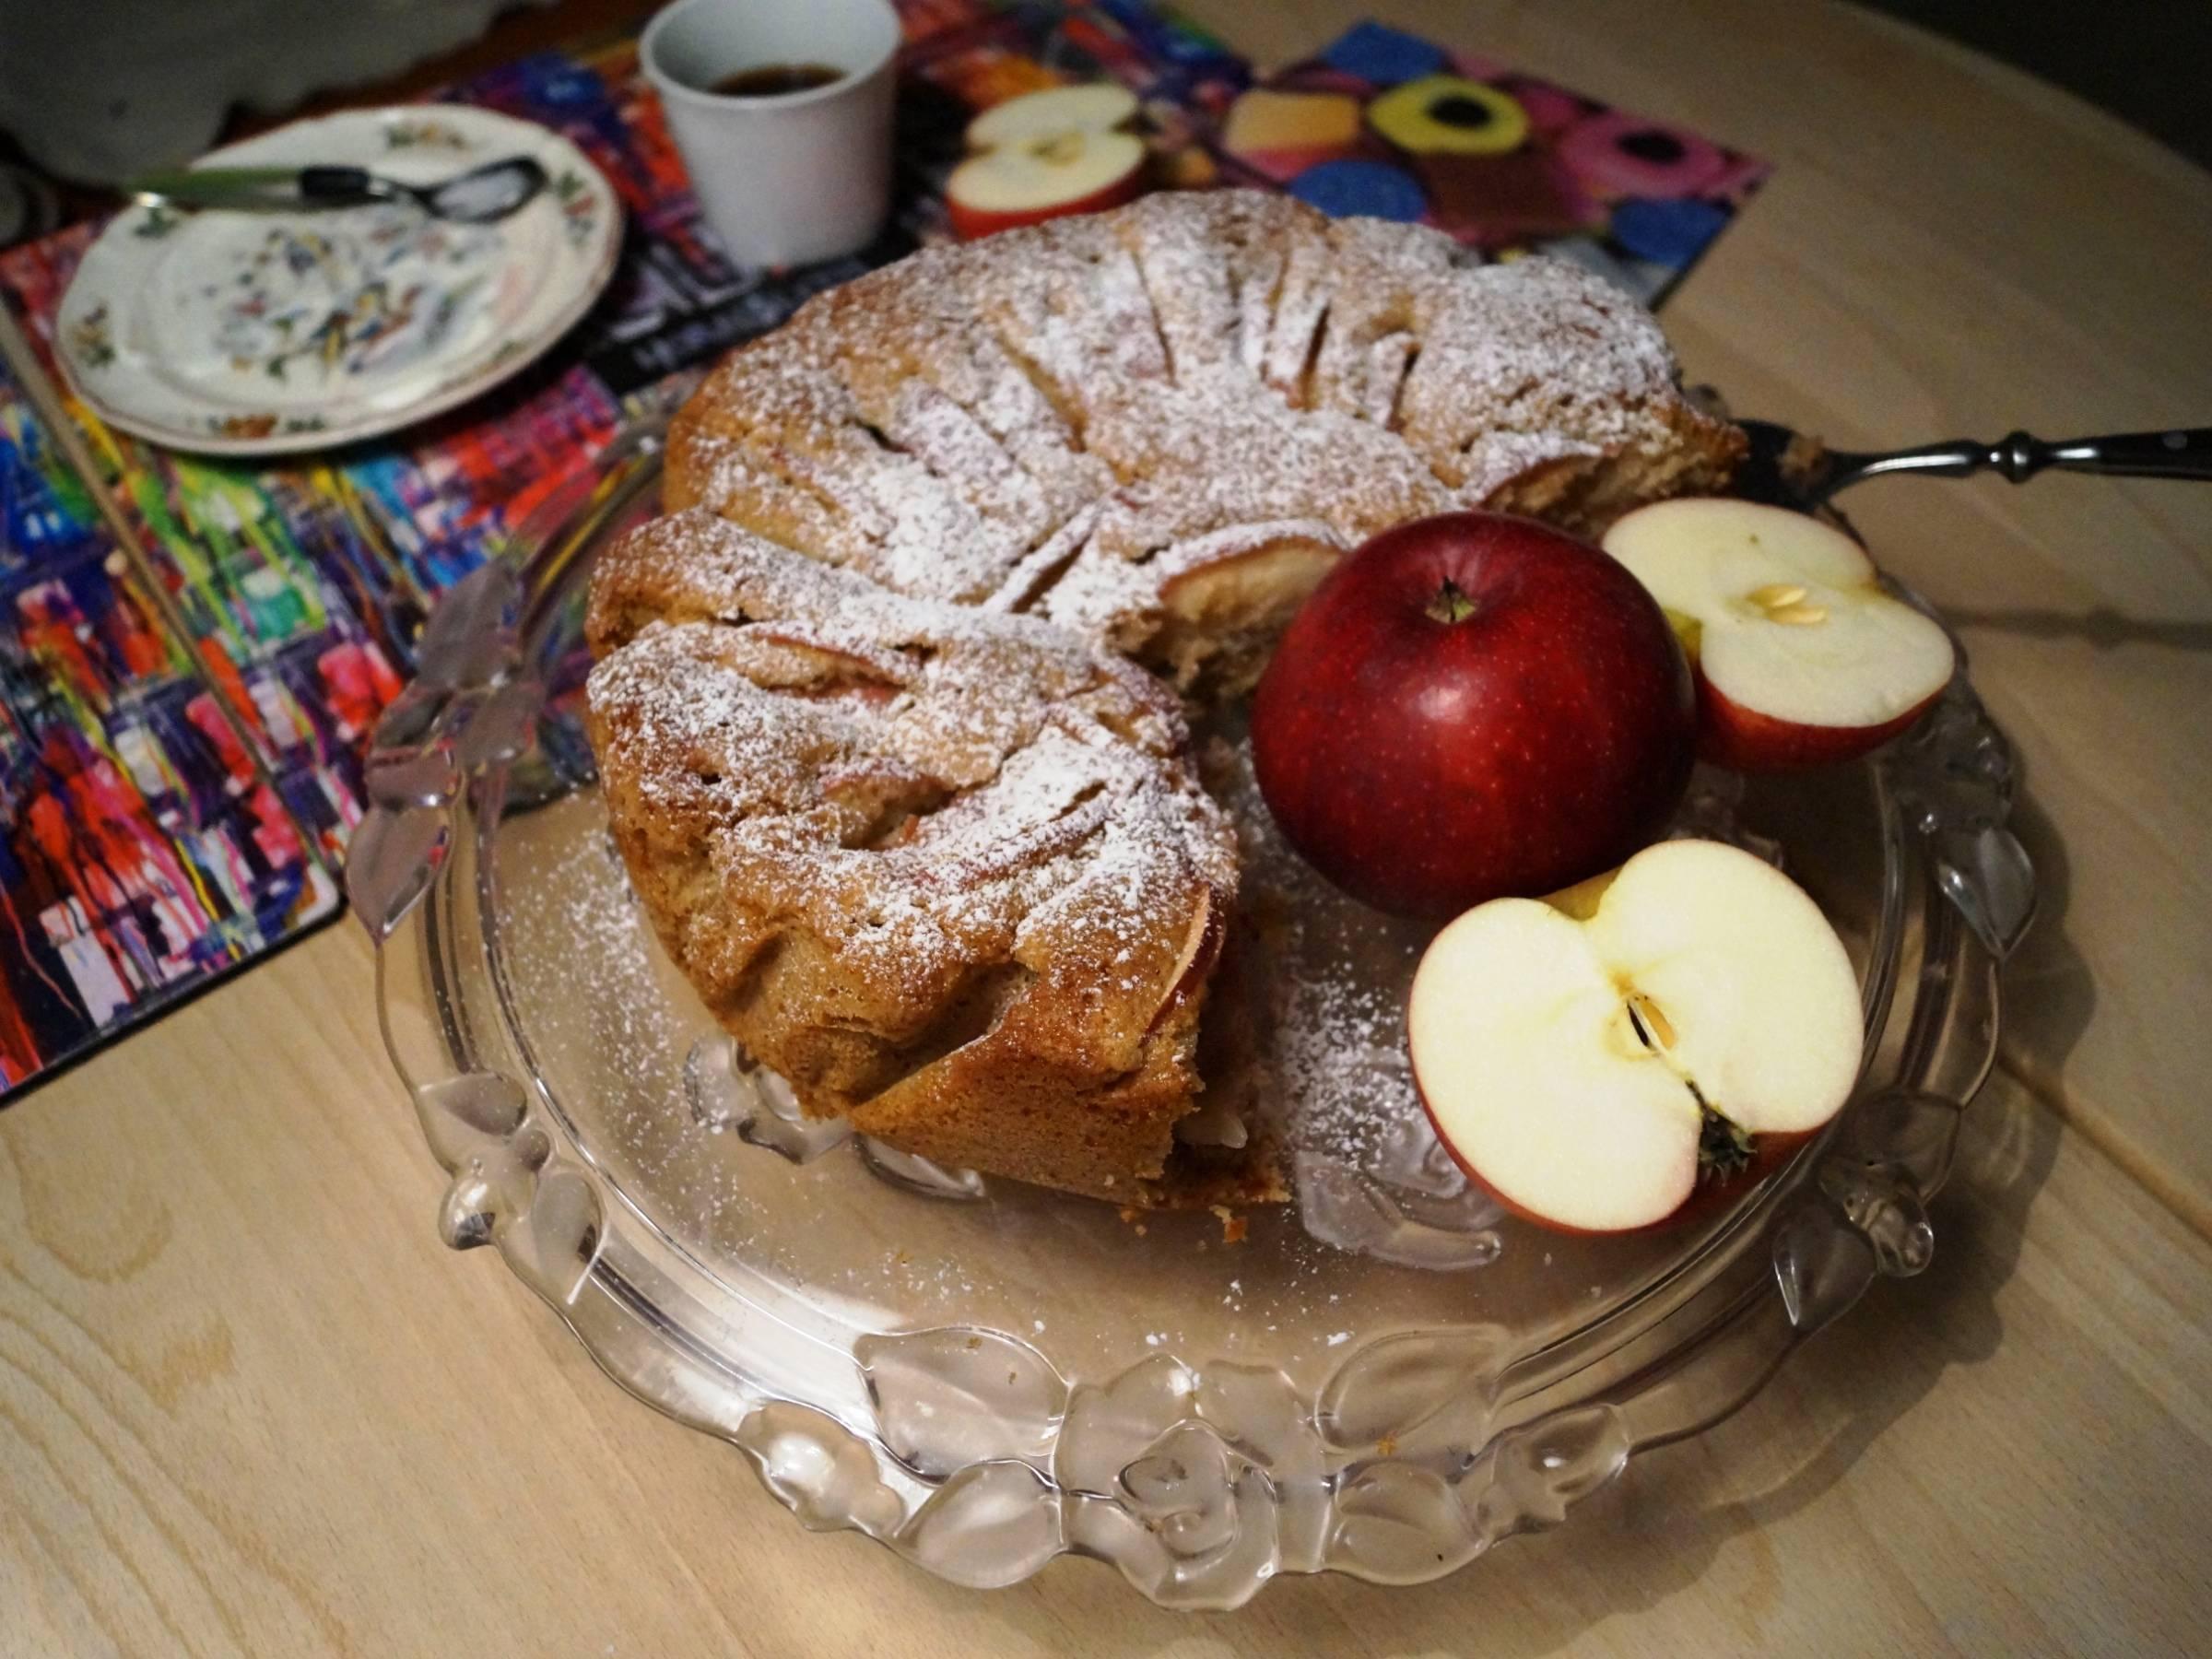 Æbletærte - Æblekage